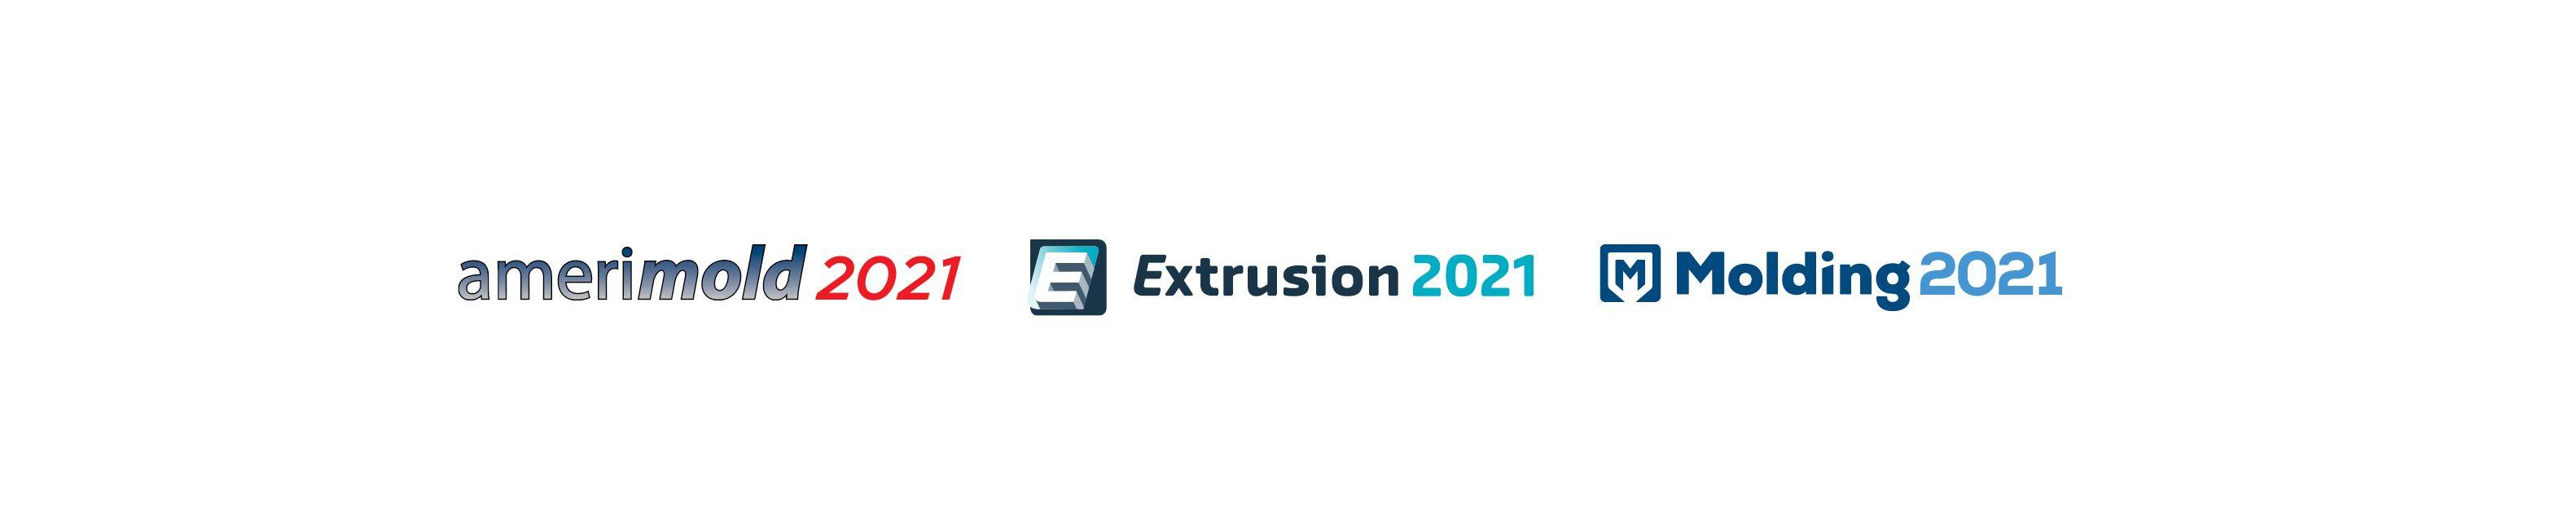 9月举行的2021年挤出成型大会